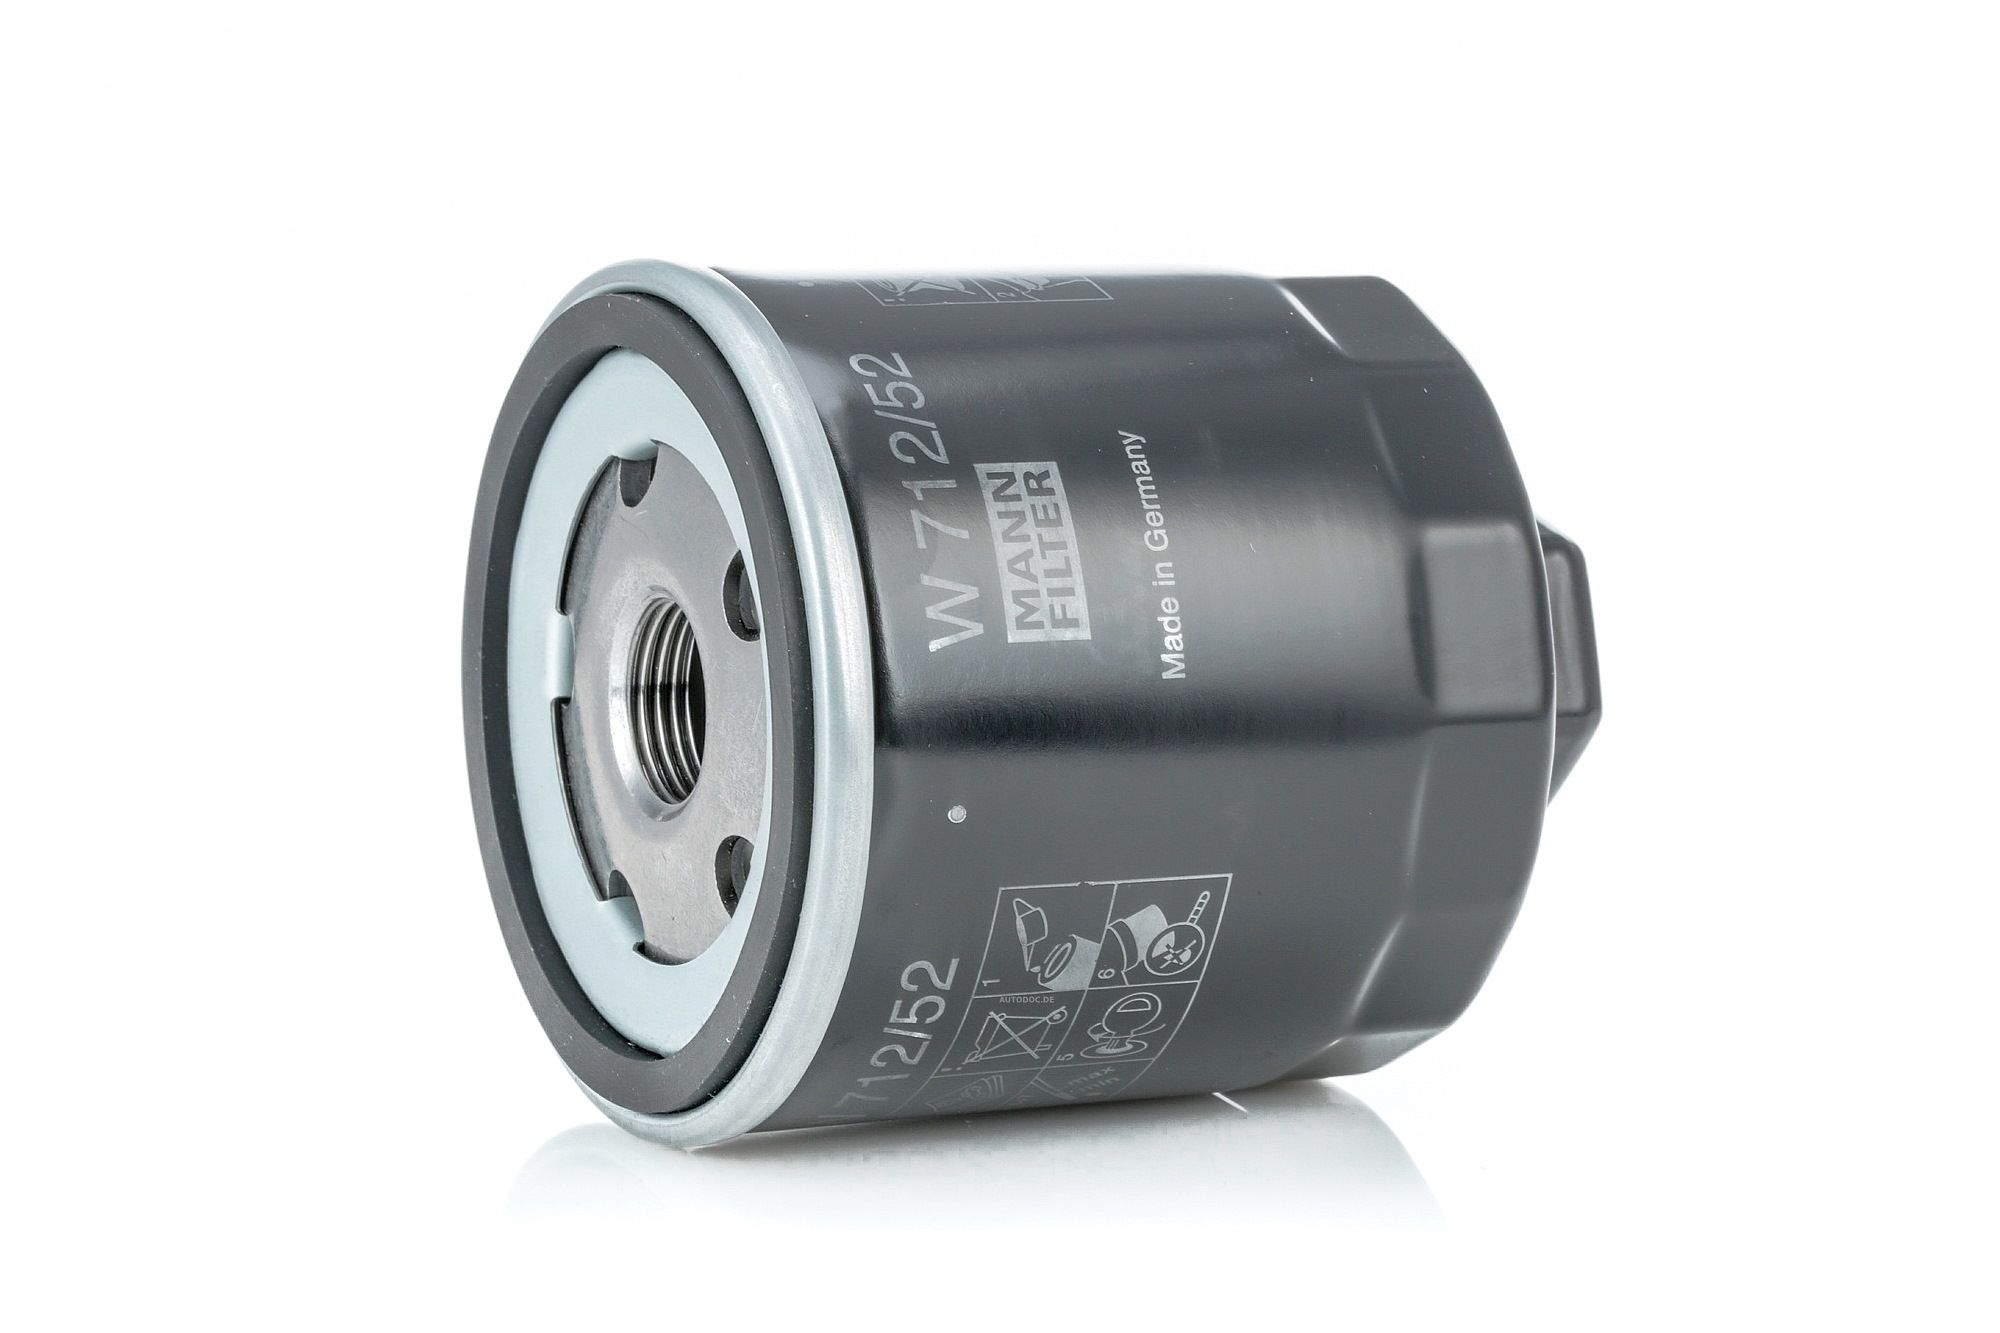 Olejový filtr W 712/52 – najděte, porovnejte ceny a ušetřete!